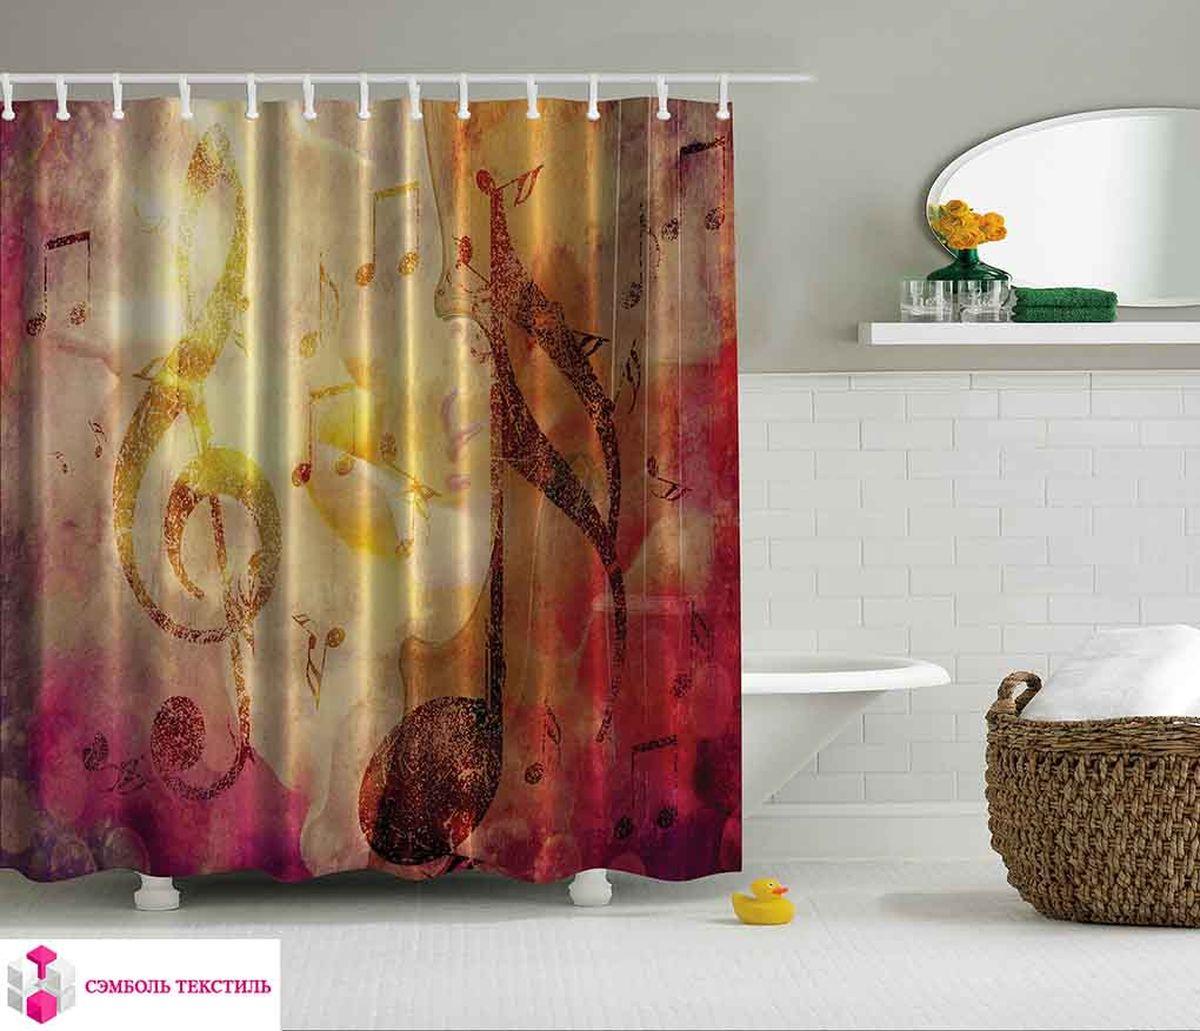 Штора для ванной комнаты Magic Lady Цветомузыка, 180 х 200 смшв_3365Штора Magic Lady Цветомузыка, изготовленная из высококачественного сатена (полиэстер 100%), отлично дополнит любой интерьер ванной комнаты. При изготовлении используются специальные гипоаллергенные чернила для прямой печати по ткани, безопасные для человека. В комплекте: 1 штора, 12 крючков.Обращаем ваше внимание, фактический цвет изделия может незначительно отличаться от представленного на фото.